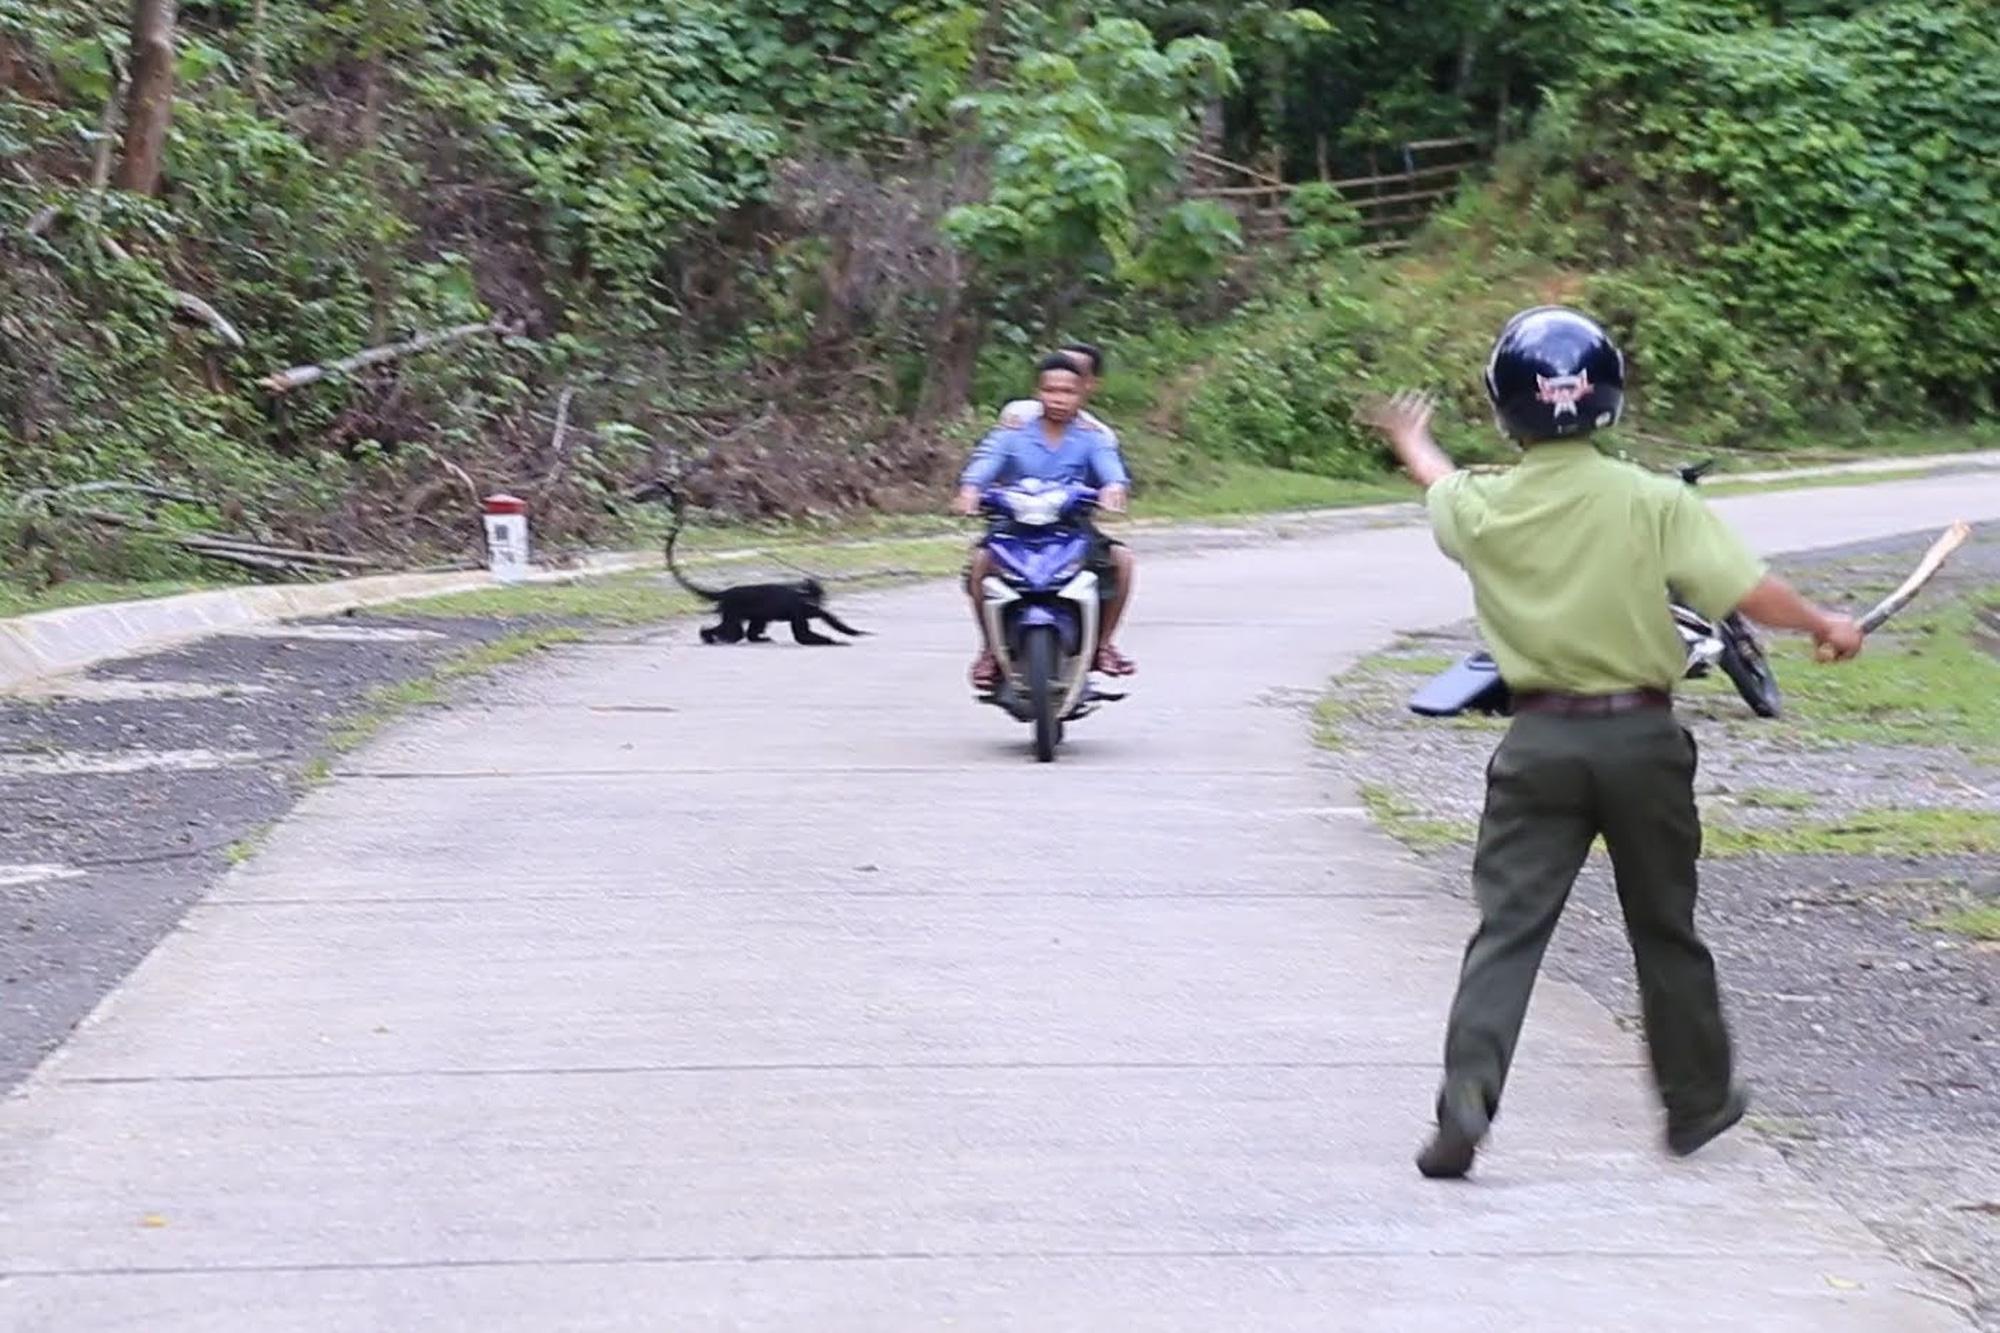 Quảng Trị: Chi tiền bắt giữ, di dời đàn thú màu màu đèn xì, tấn công người trên quốc lộ - Ảnh 1.